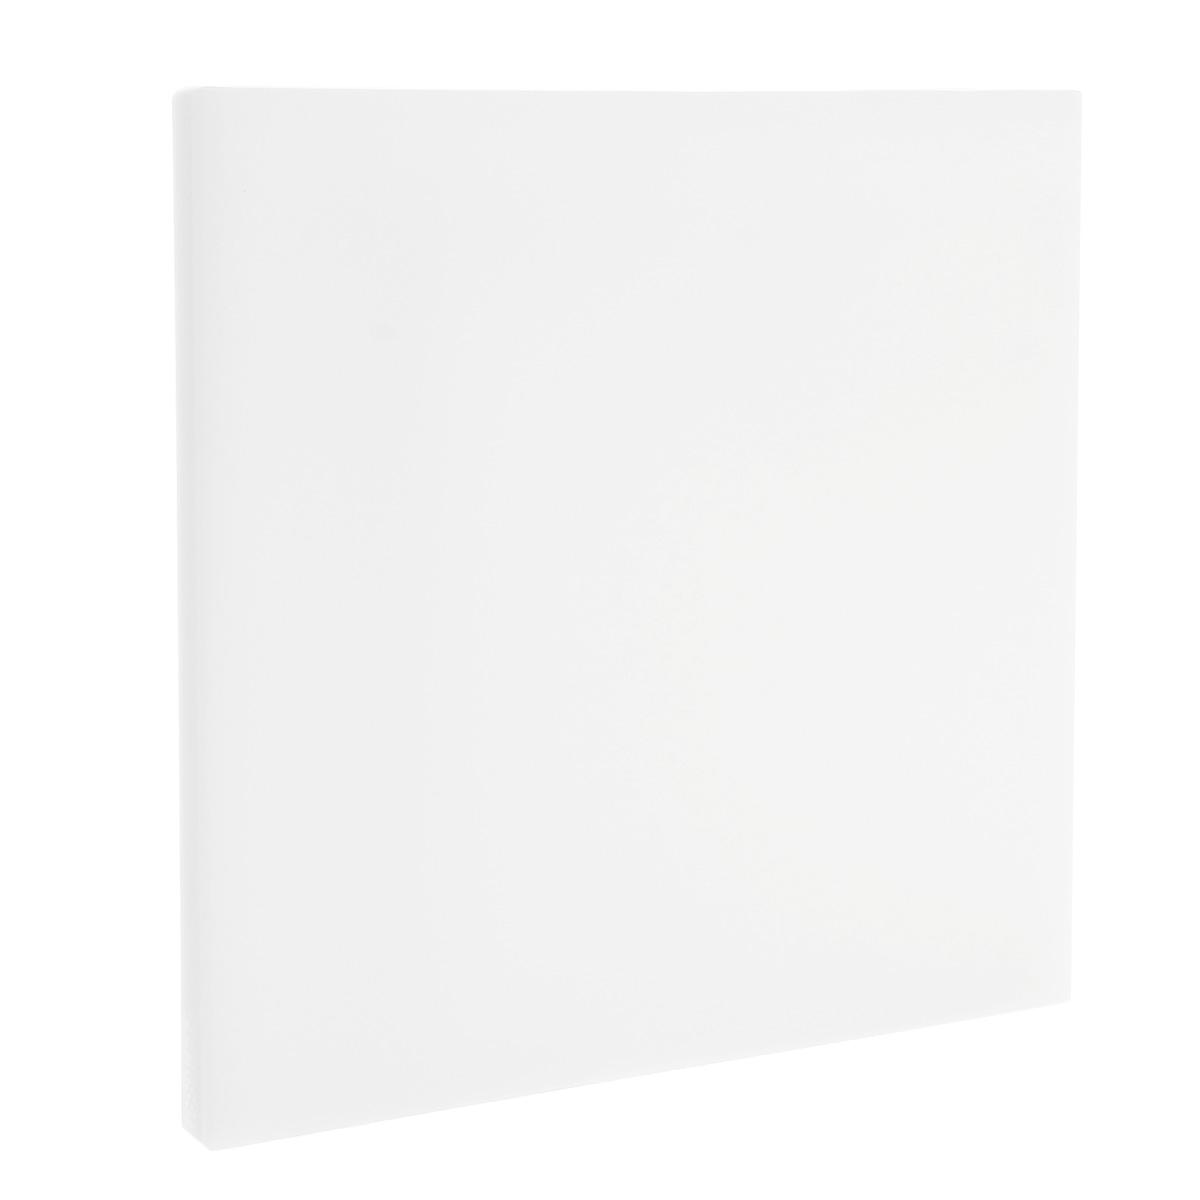 Доска разделочная Zanussi, цвет: белый, 35 х 35 см. ZIH31110CFZIH31110CFРазделочная доска Zanussi изготовлена из высококачественного пластика высокой плотности, что обеспечивает превосходную стойкость к химическим веществам, износу и влаге. Текстурированная поверхность удерживает пищу на месте, не давая ей скользить.Простота в использовании, надежность, безопасность и незначительная потребность в уходе. Ножи не теряют остроты при резке на разделочной доске. Обе поверхности доски рабочие. Это сокращает риск перекрестного бактериального загрязнения при приготовлении пищи.Простота чистки и пригодность для мойки в посудомоечной машине. Не ставьте на доску тяжелые или горячие предметы.